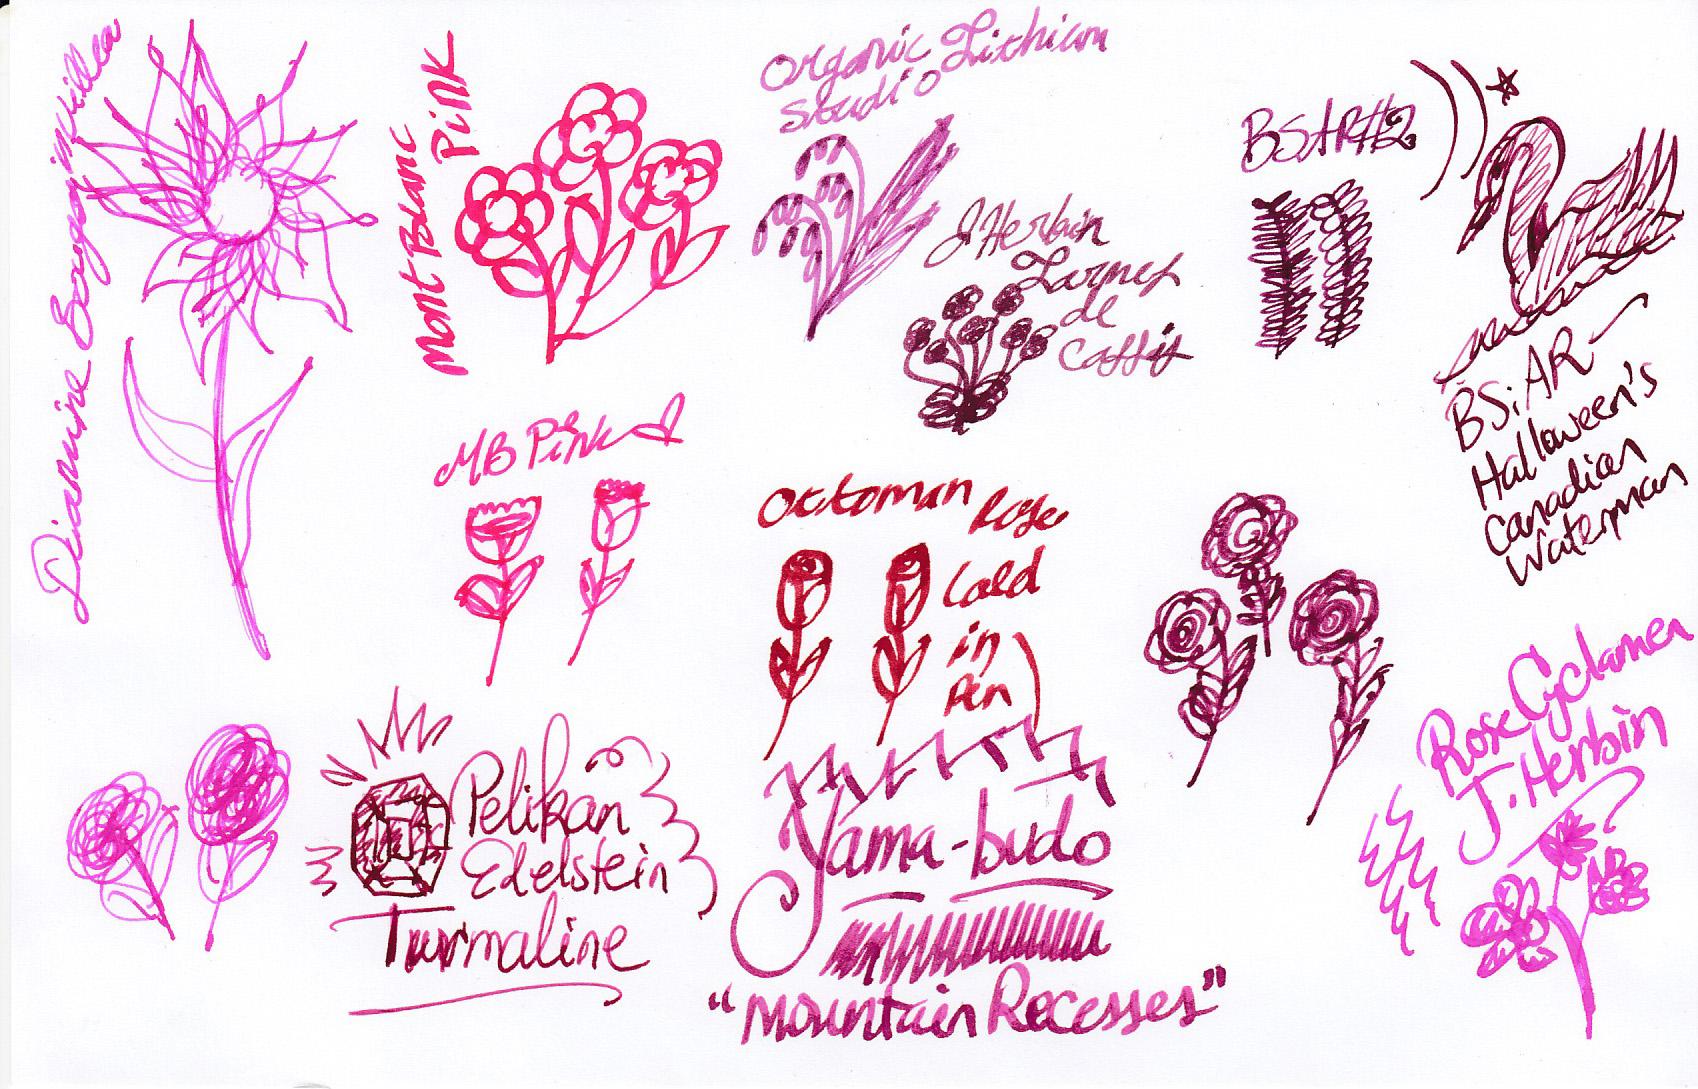 fpn_1433364429__pinks-purples-tm.jpg